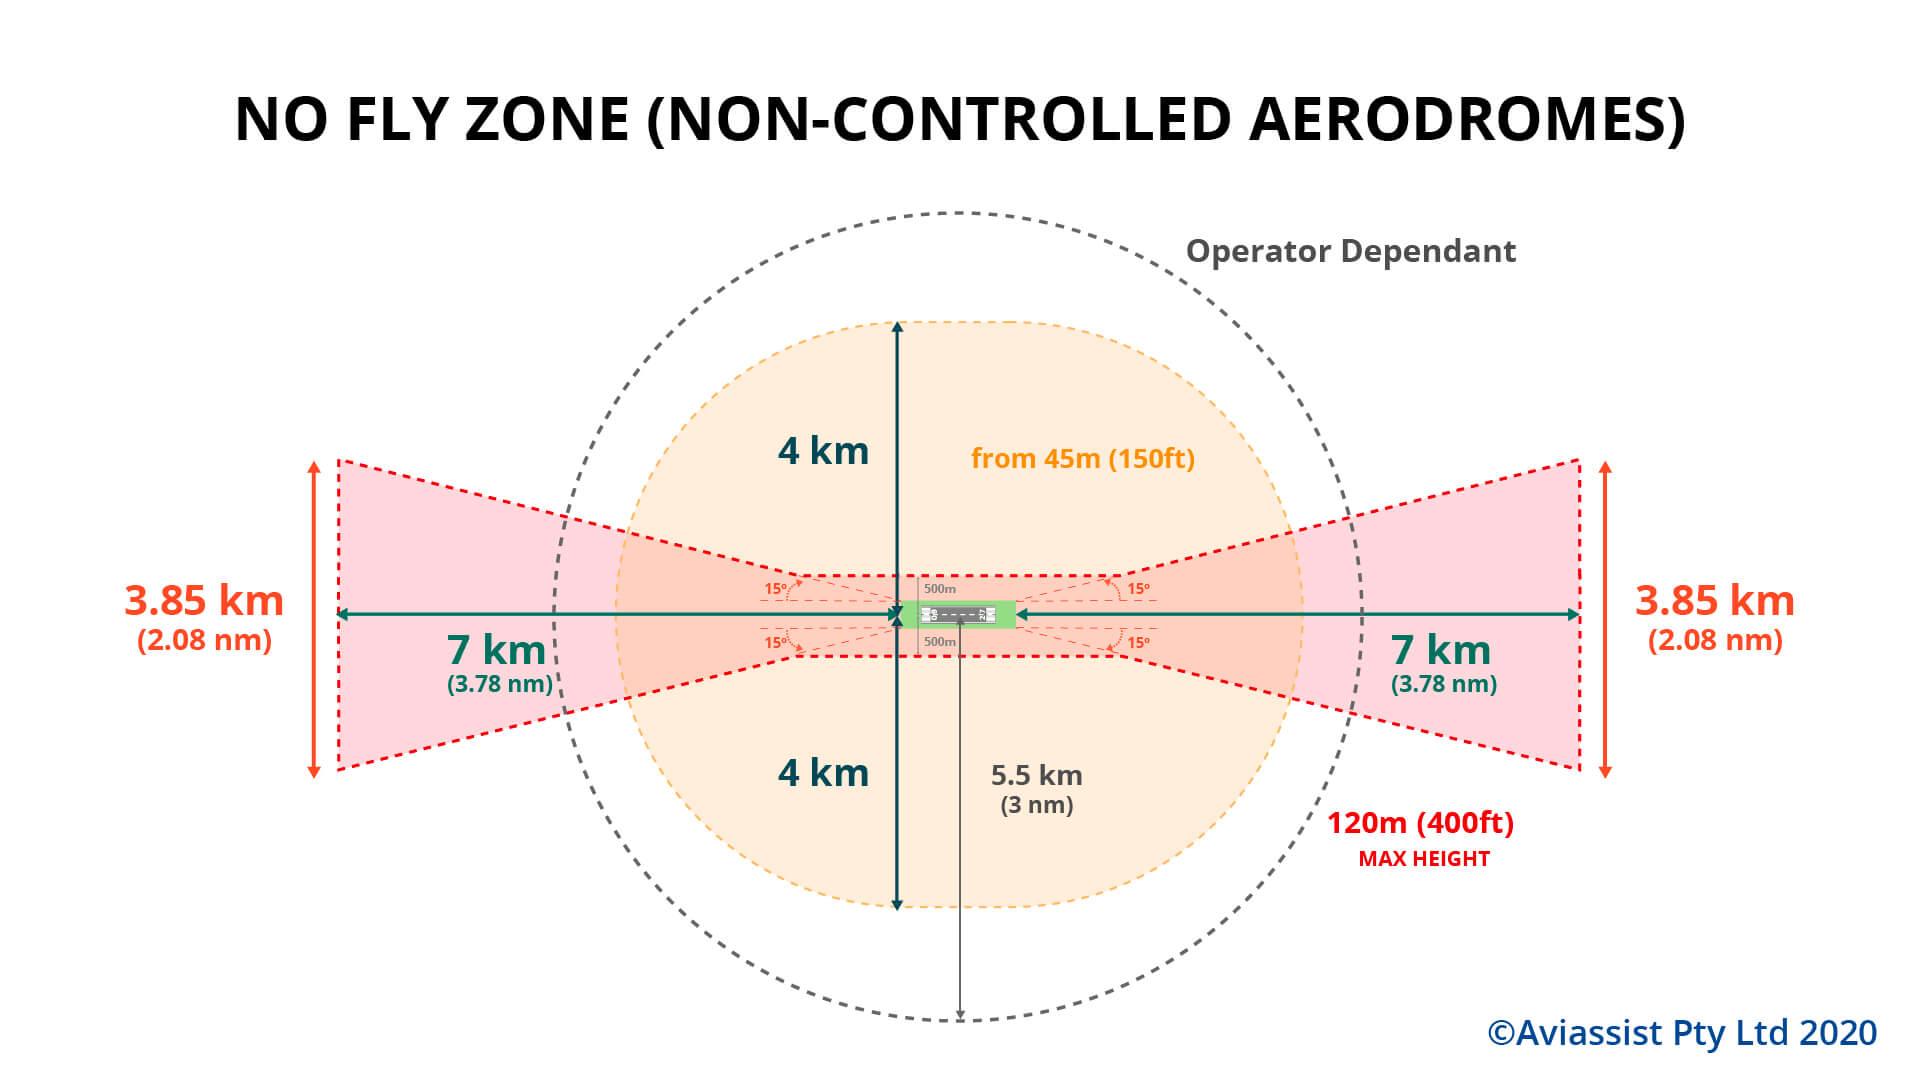 drone no fly zone non controlled aerodrome